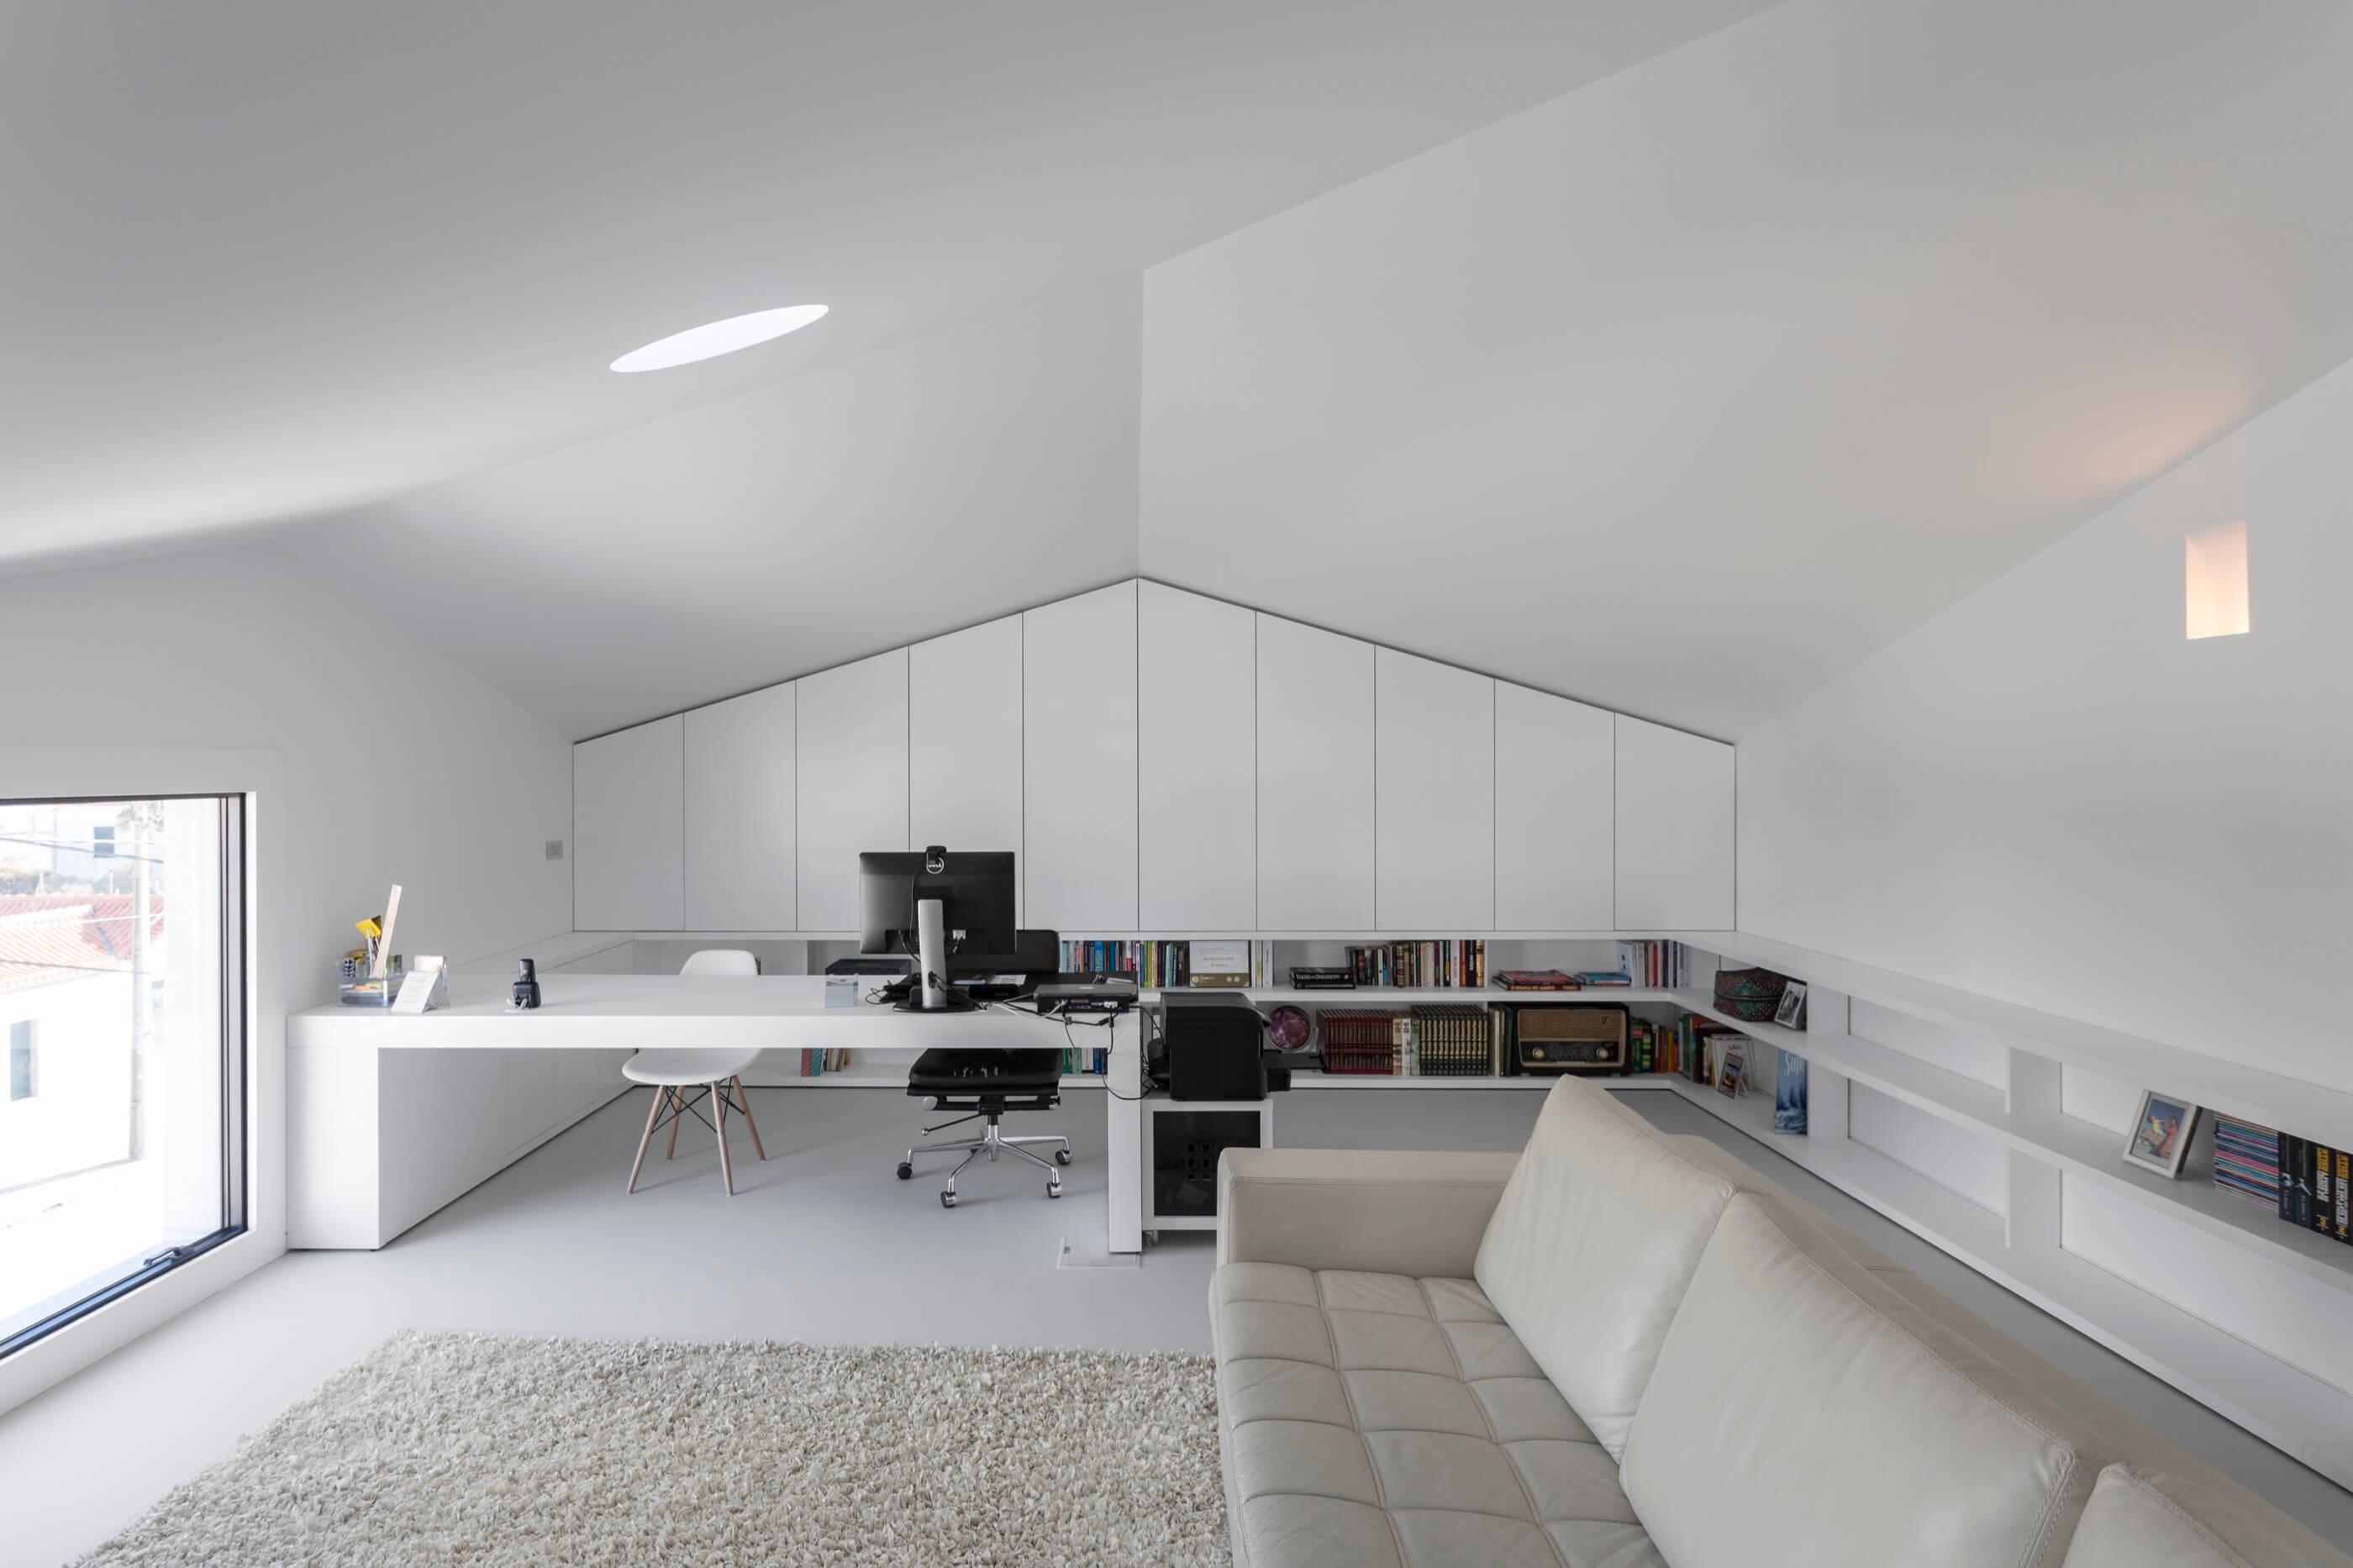 Arquitecto Lousinha Casa Fontes 26 do fotografo Ivo Tavares Studio